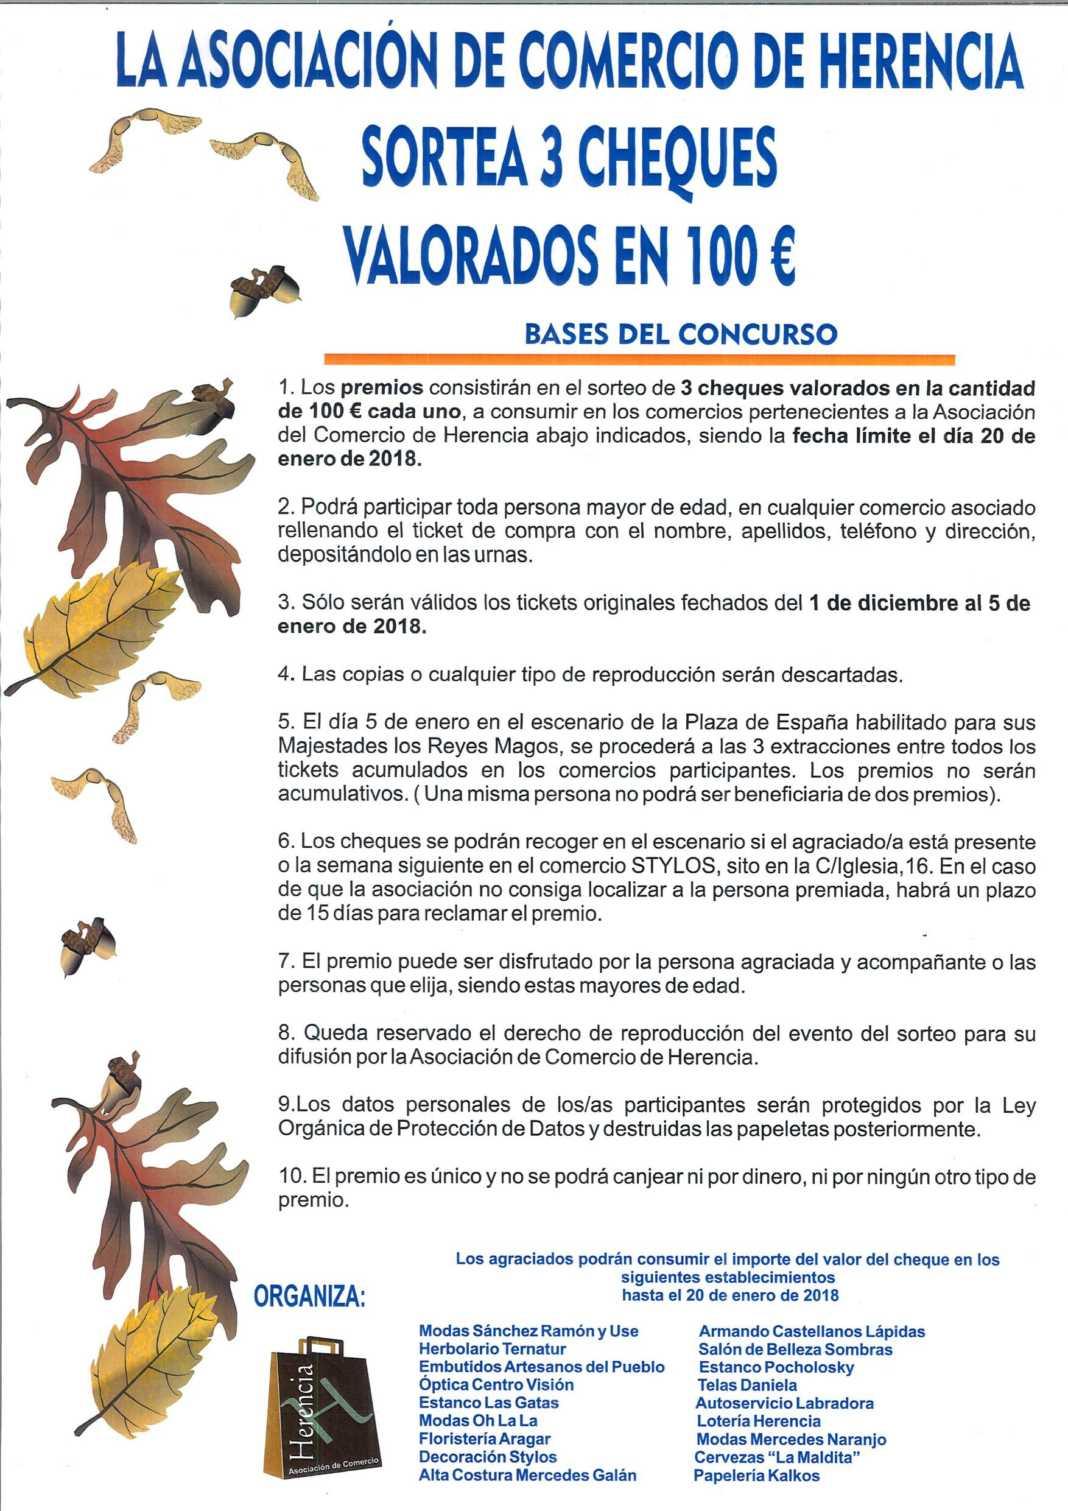 sorteo cheques asociacion de comercio de Herencia 2017 1068x1511 - La Asociación de Comercio de Herencia sortea cheques valorados en 100 euros